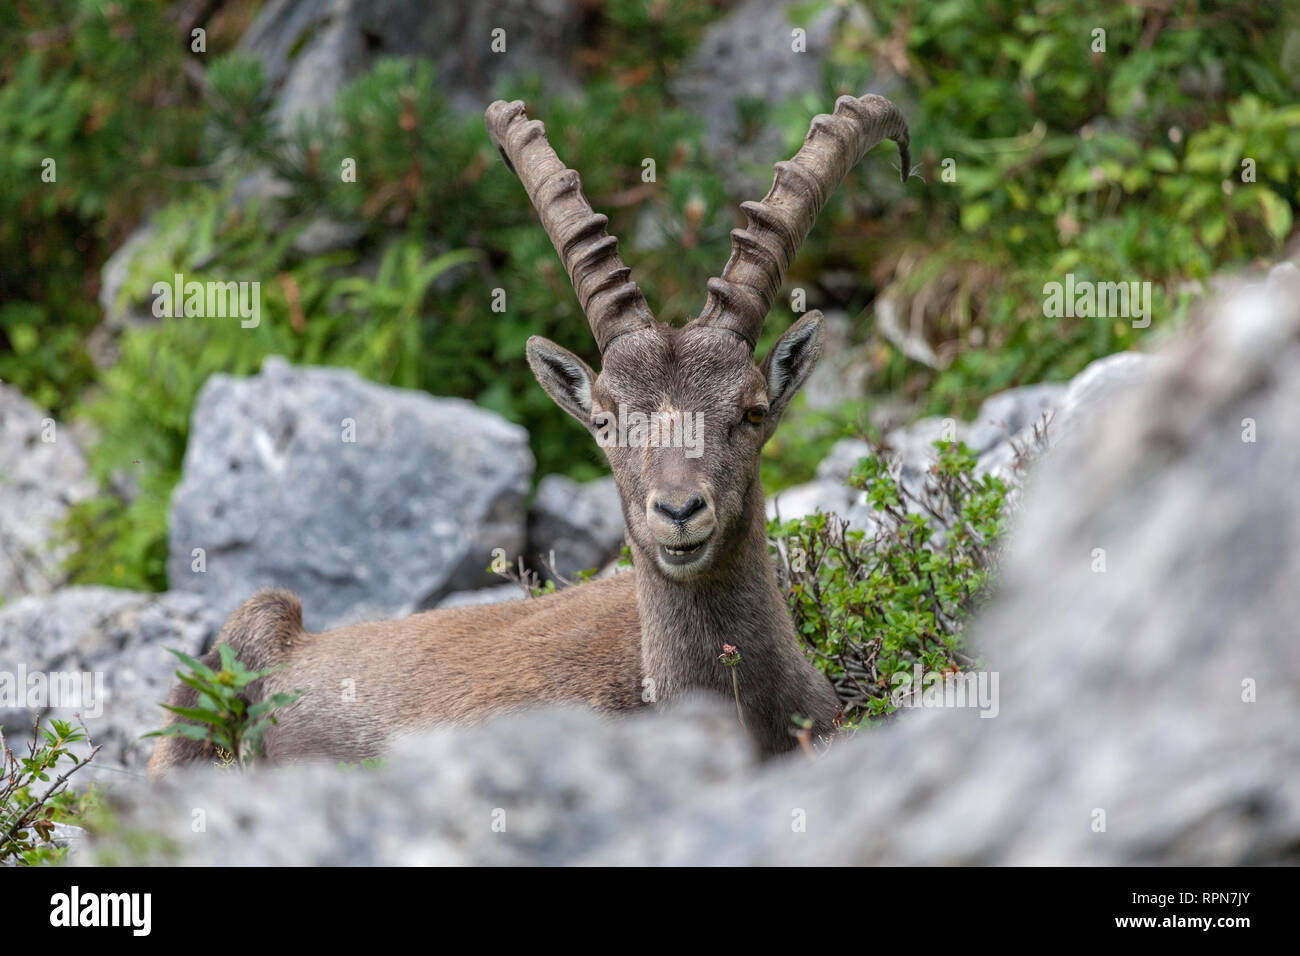 Zoology    Animals  Mammal    Mammalian  Goats  Capra